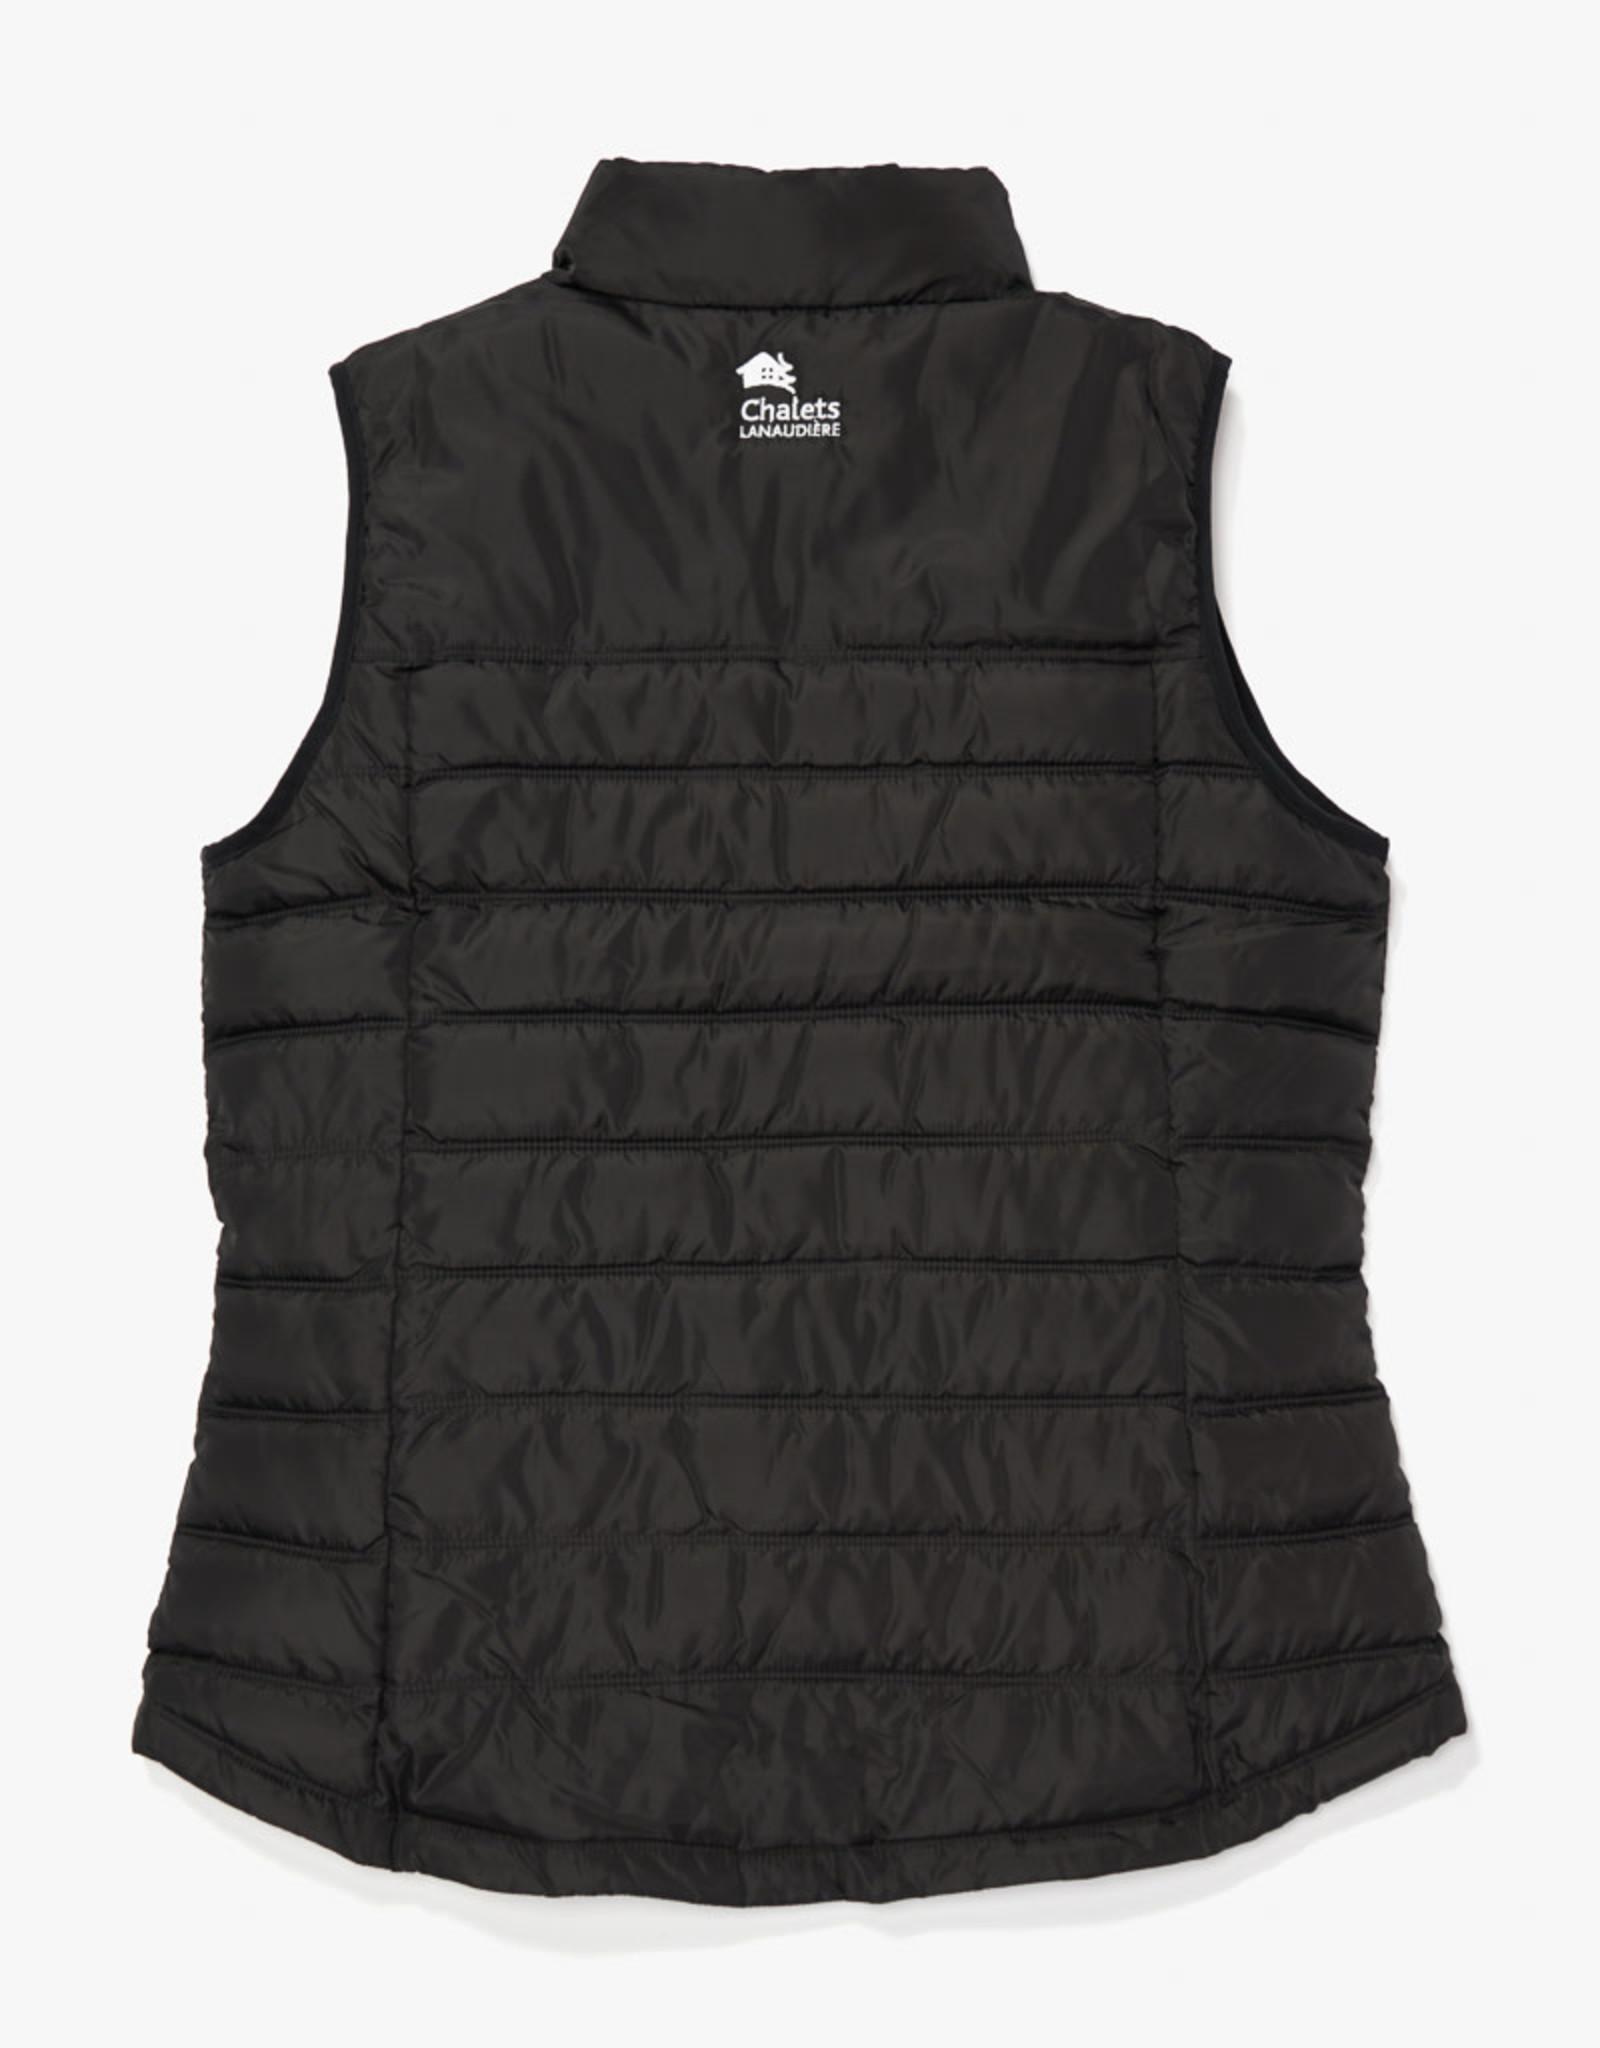 TRIMARK Women's insulated vest